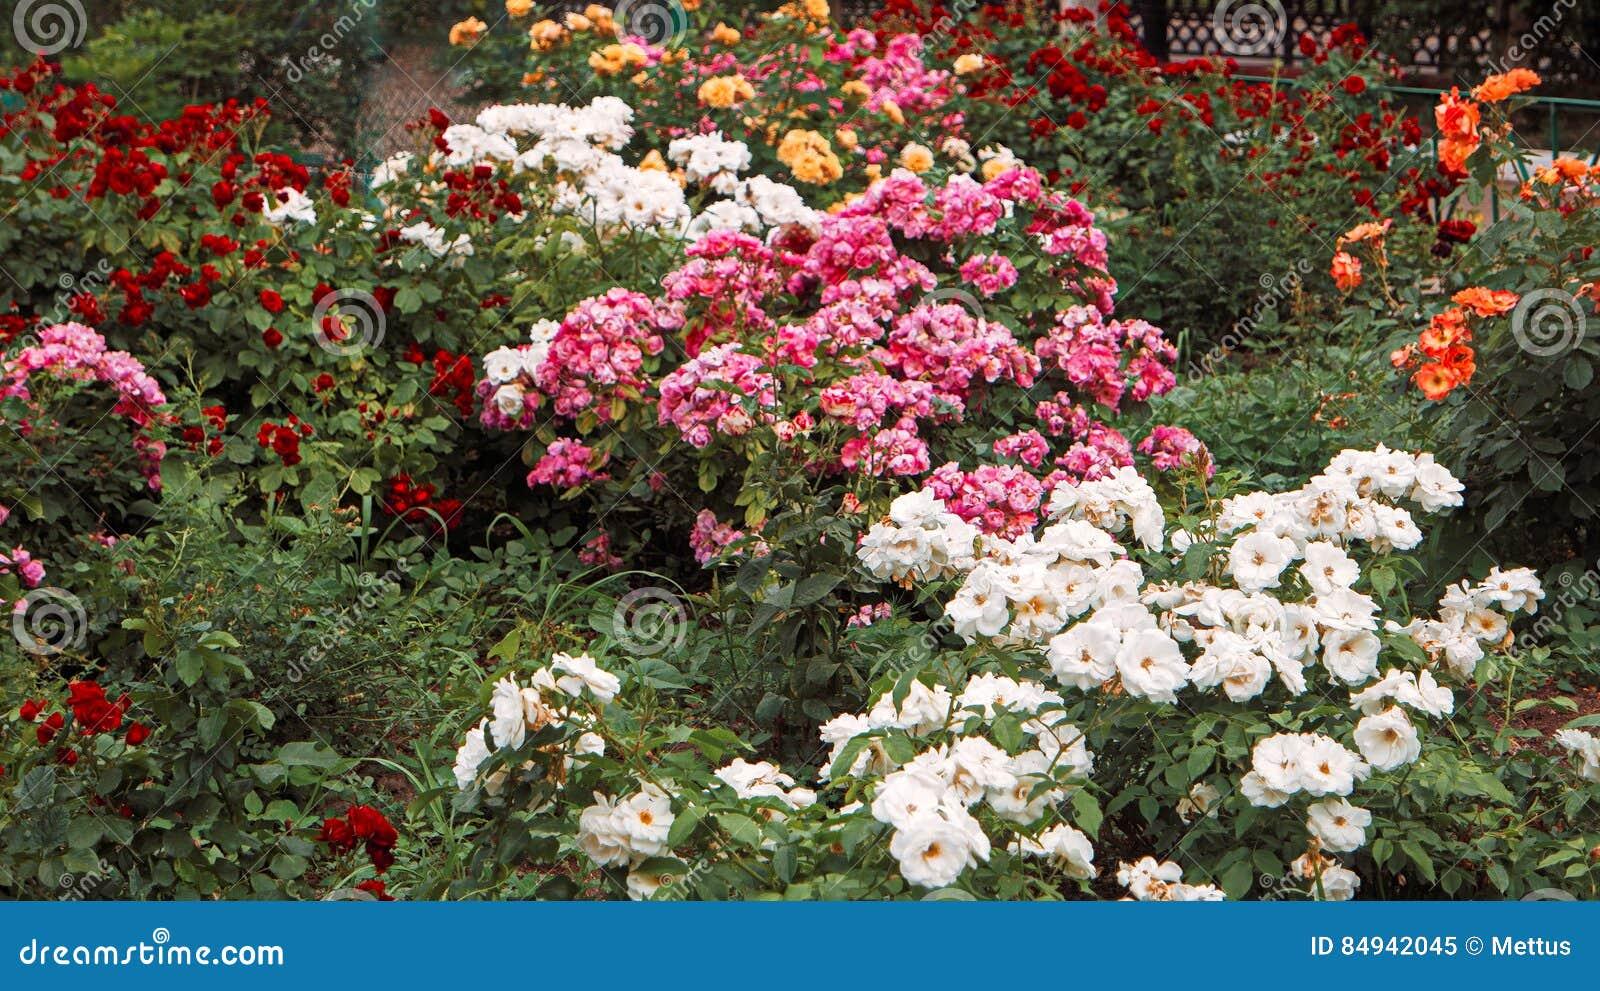 Il bello giardino di rose l aiola con differenti rosa fiori di